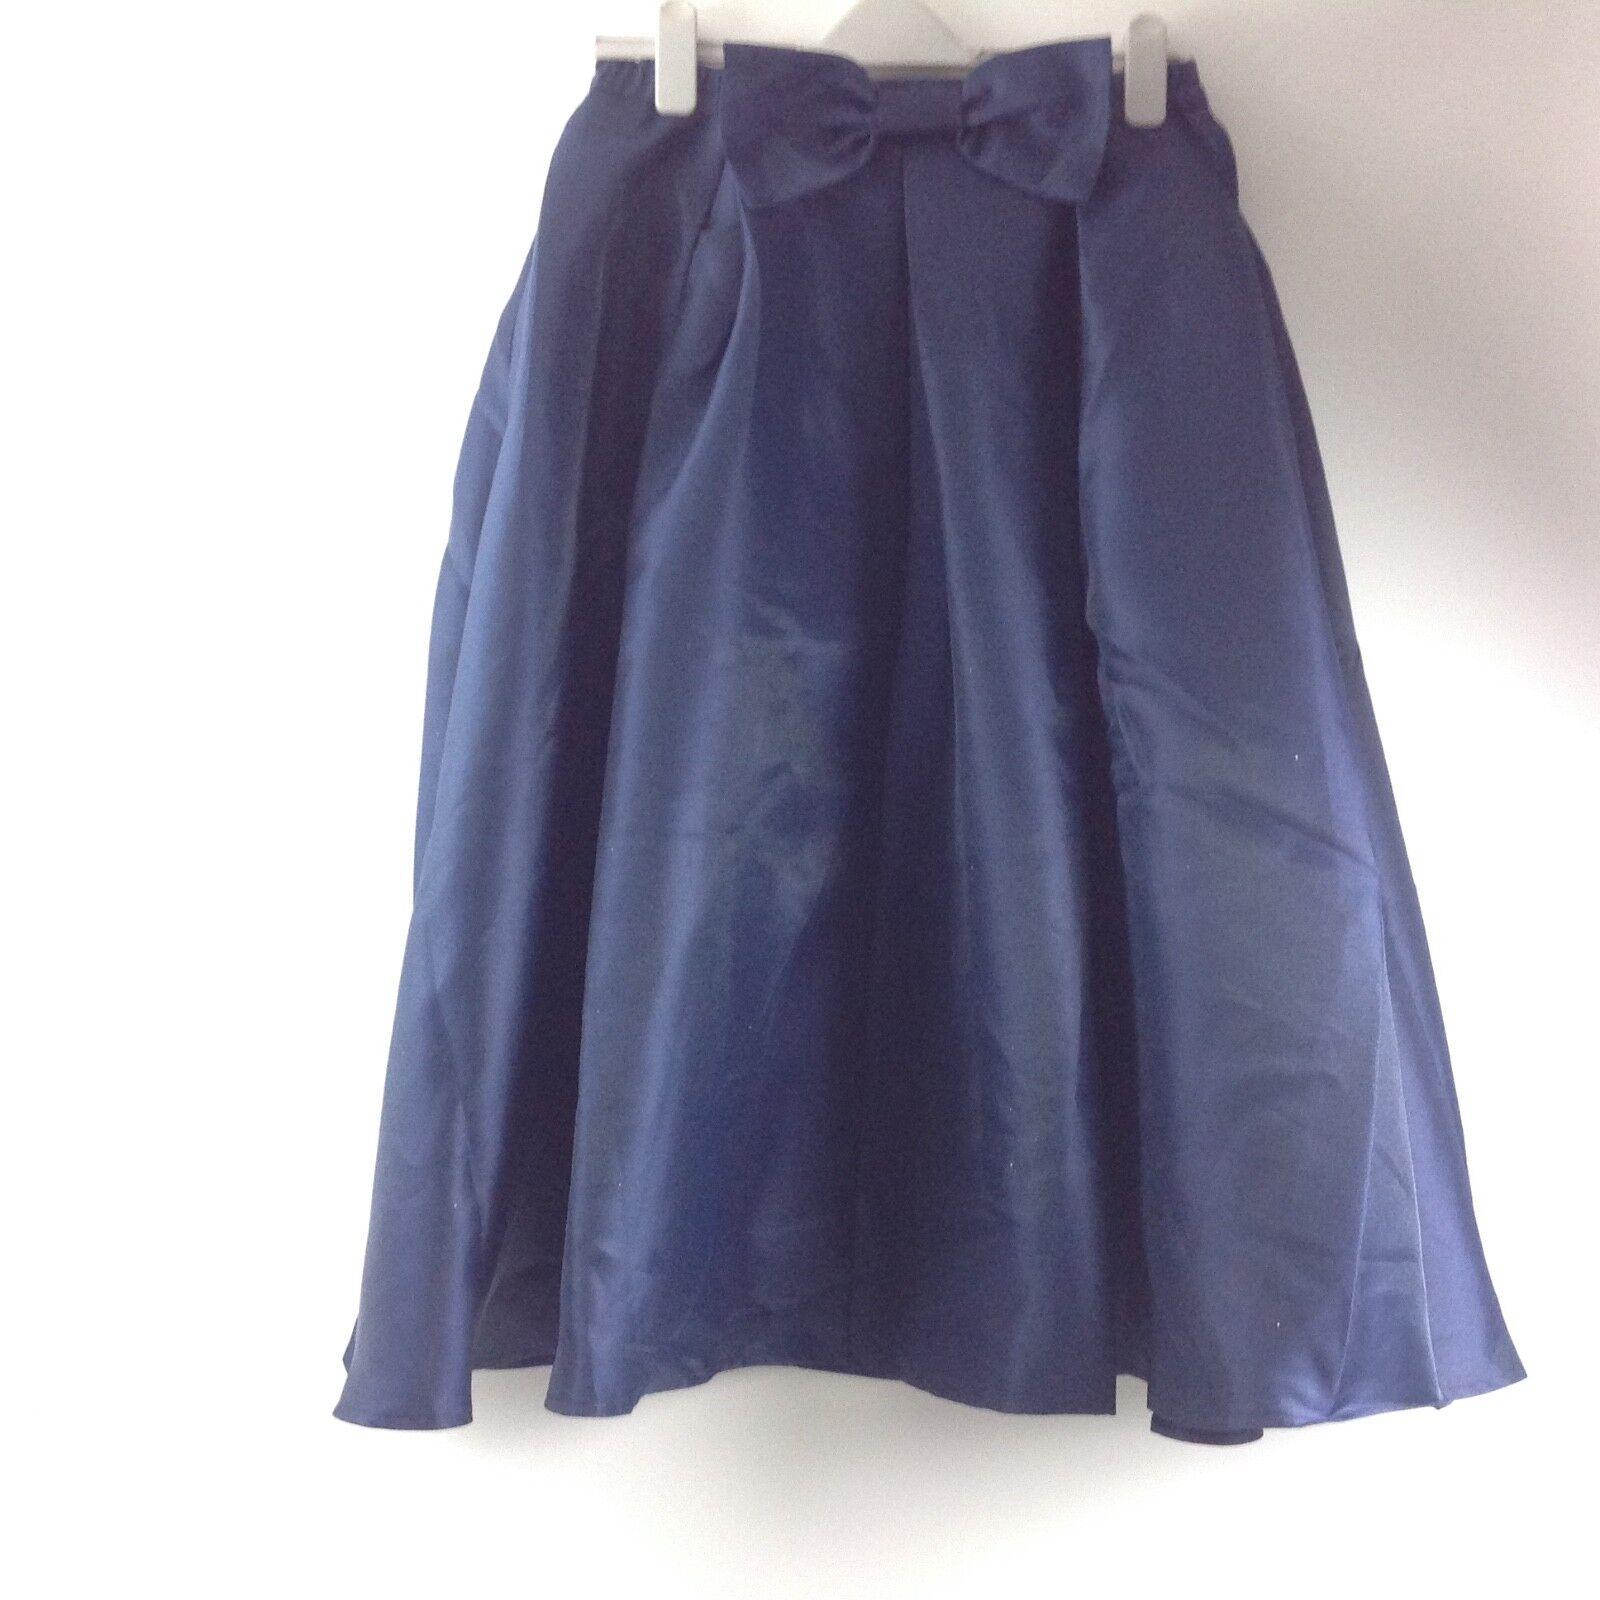 Susanna C5 Women's Flare High Waisted Midi Skirt Size XL Pleated Navy bluee Bow